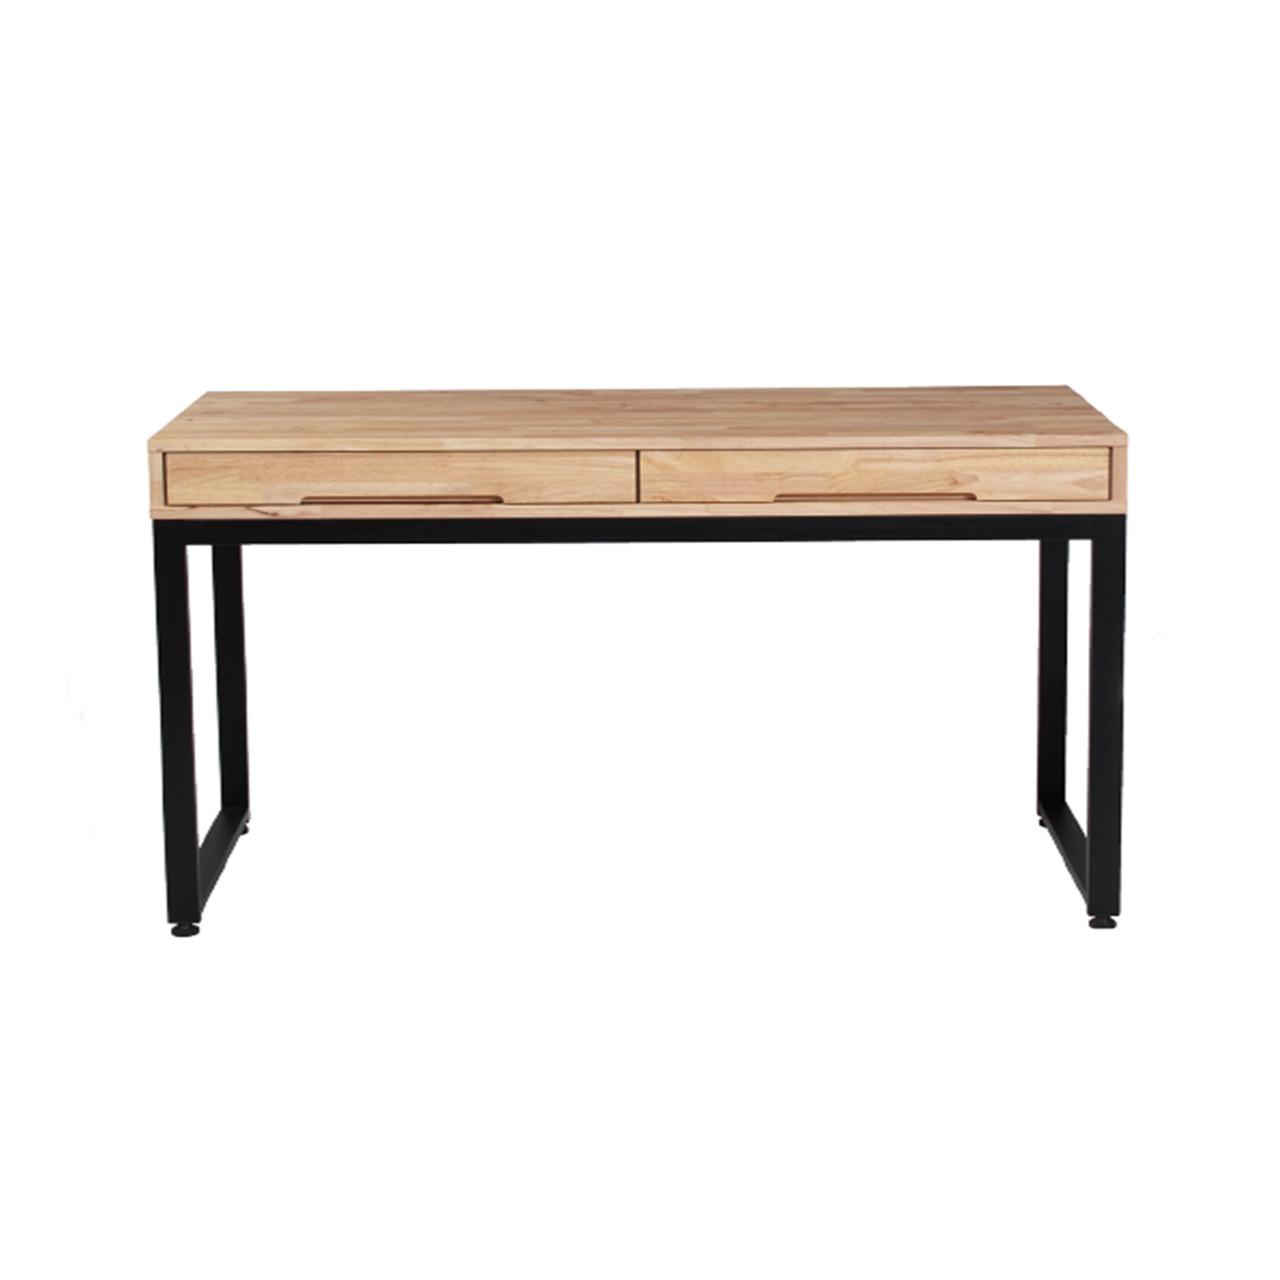 (새상품),(무료배송) 고무나무 원목 철제 책상(선착순 당일배송)